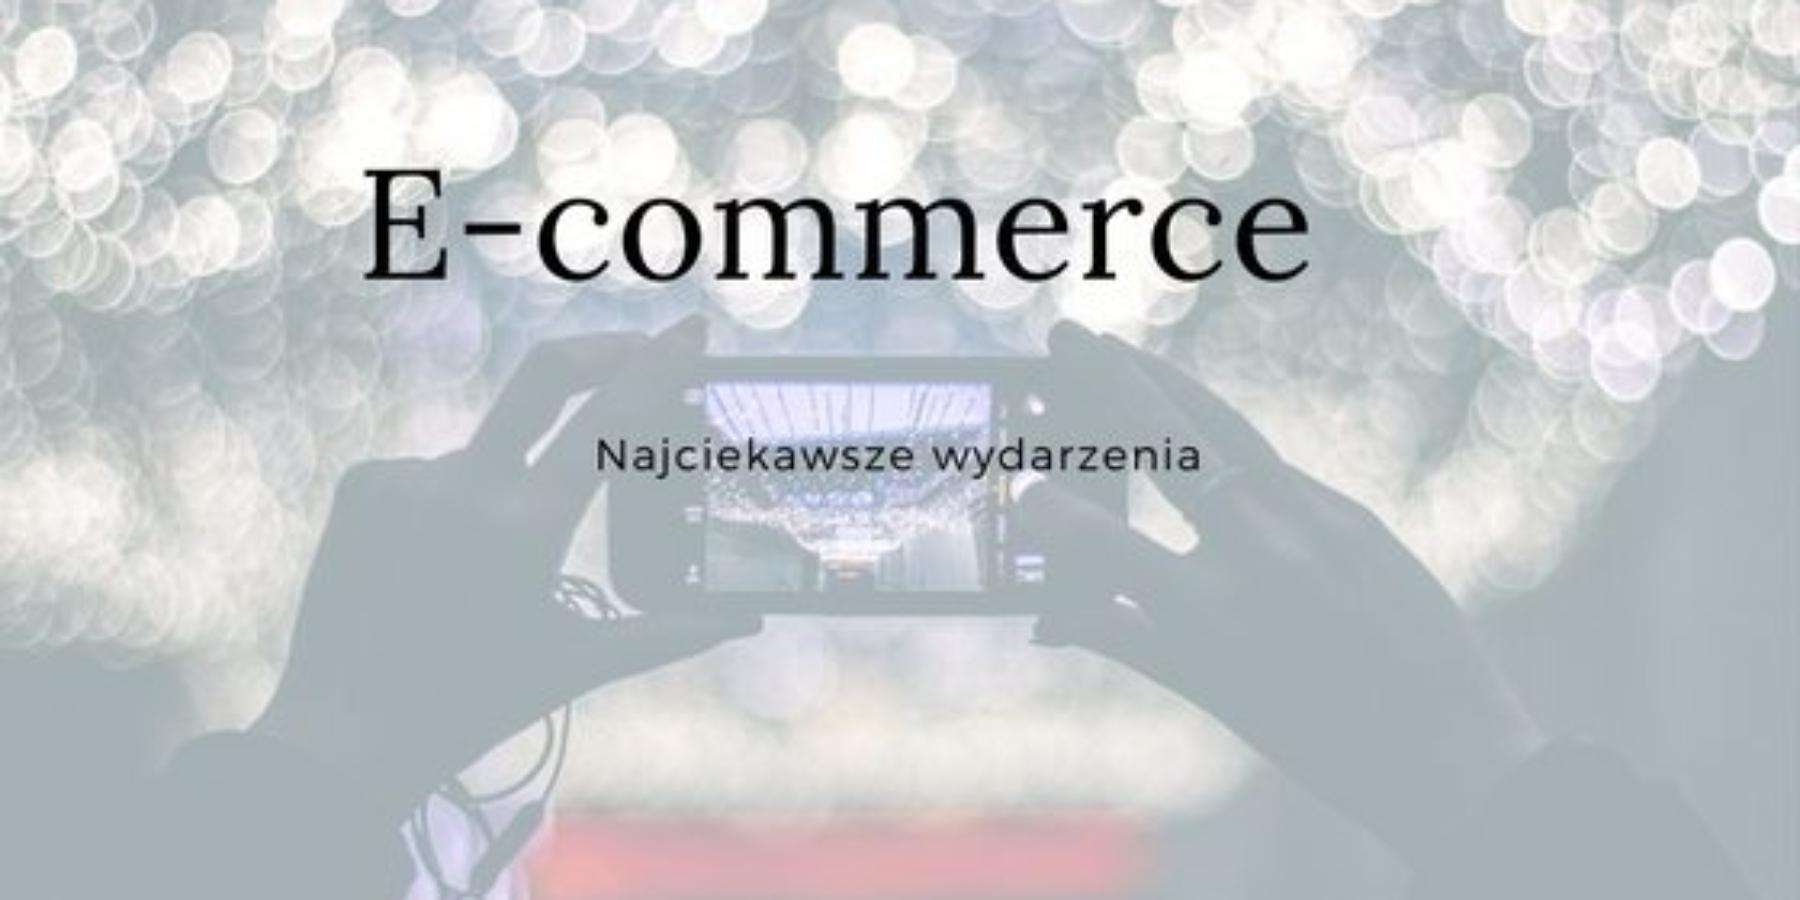 Prasówka e-commerce #27 – Ikea ma nowy pomysł nasprzedaż e-commerce